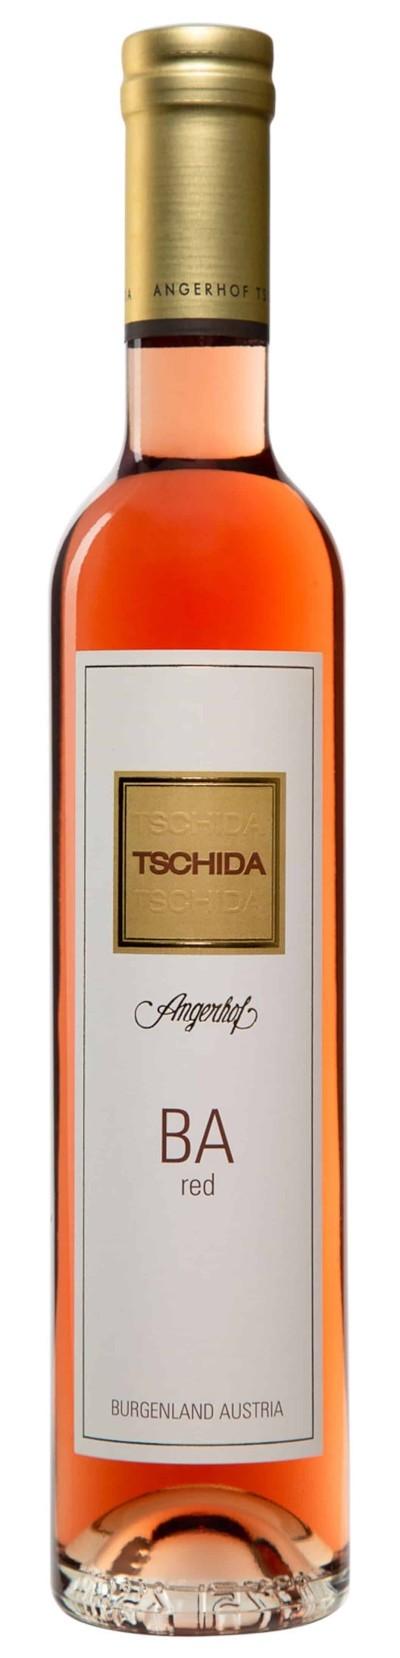 Angerhof Tschida - Beerenauslese Red